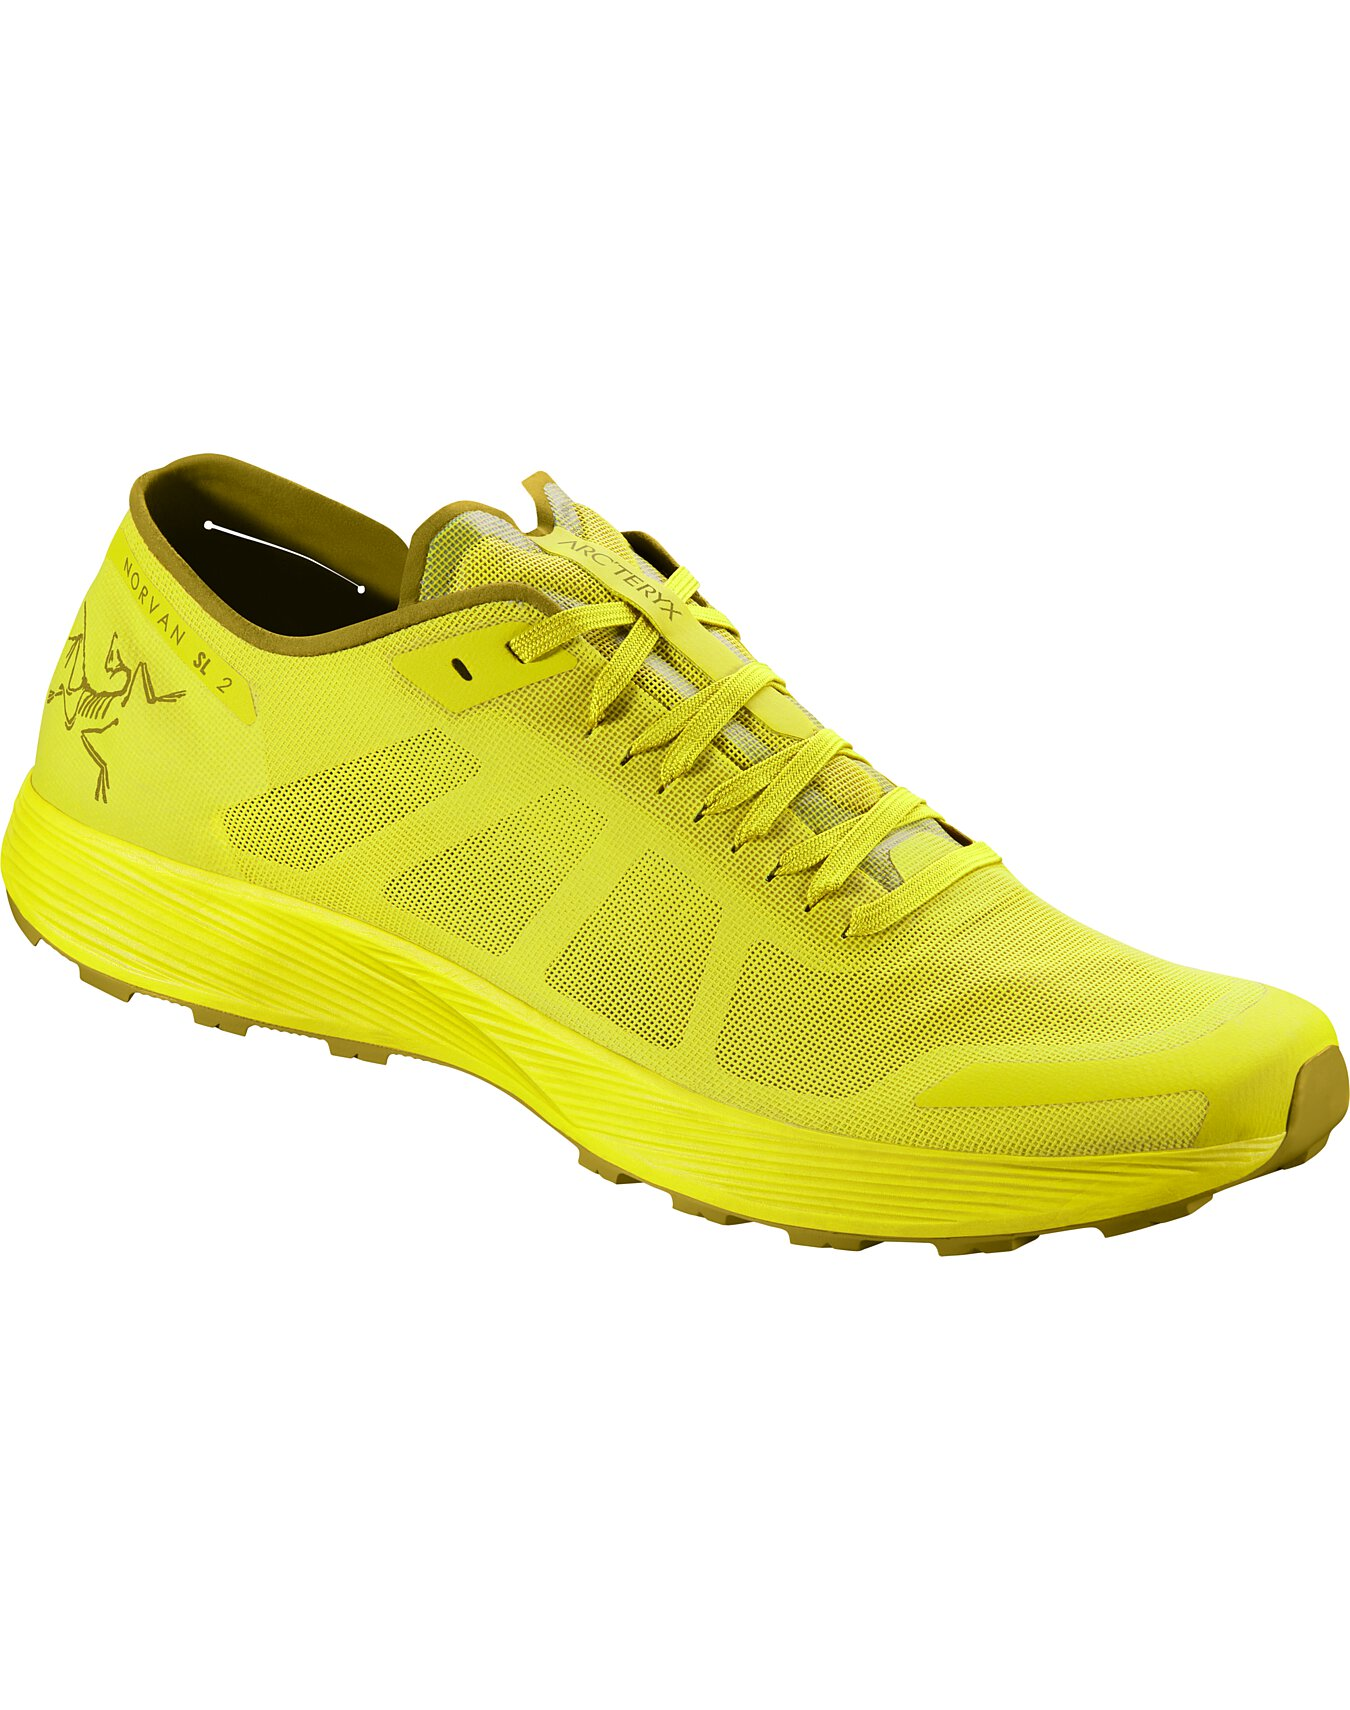 Norvan SL 2 Shoe Men's